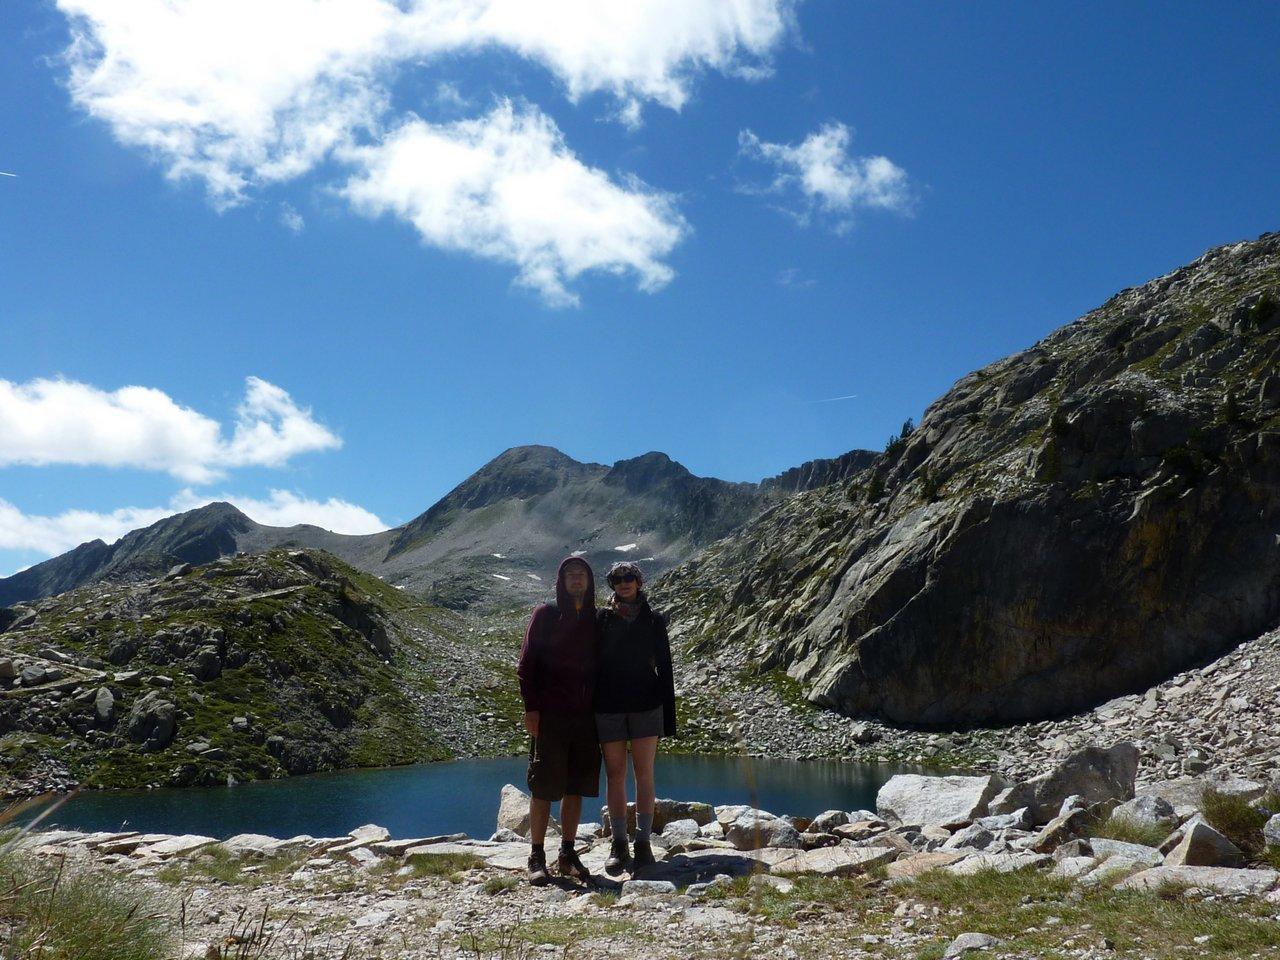 escursione ai laghi di fremamorta lago soprano